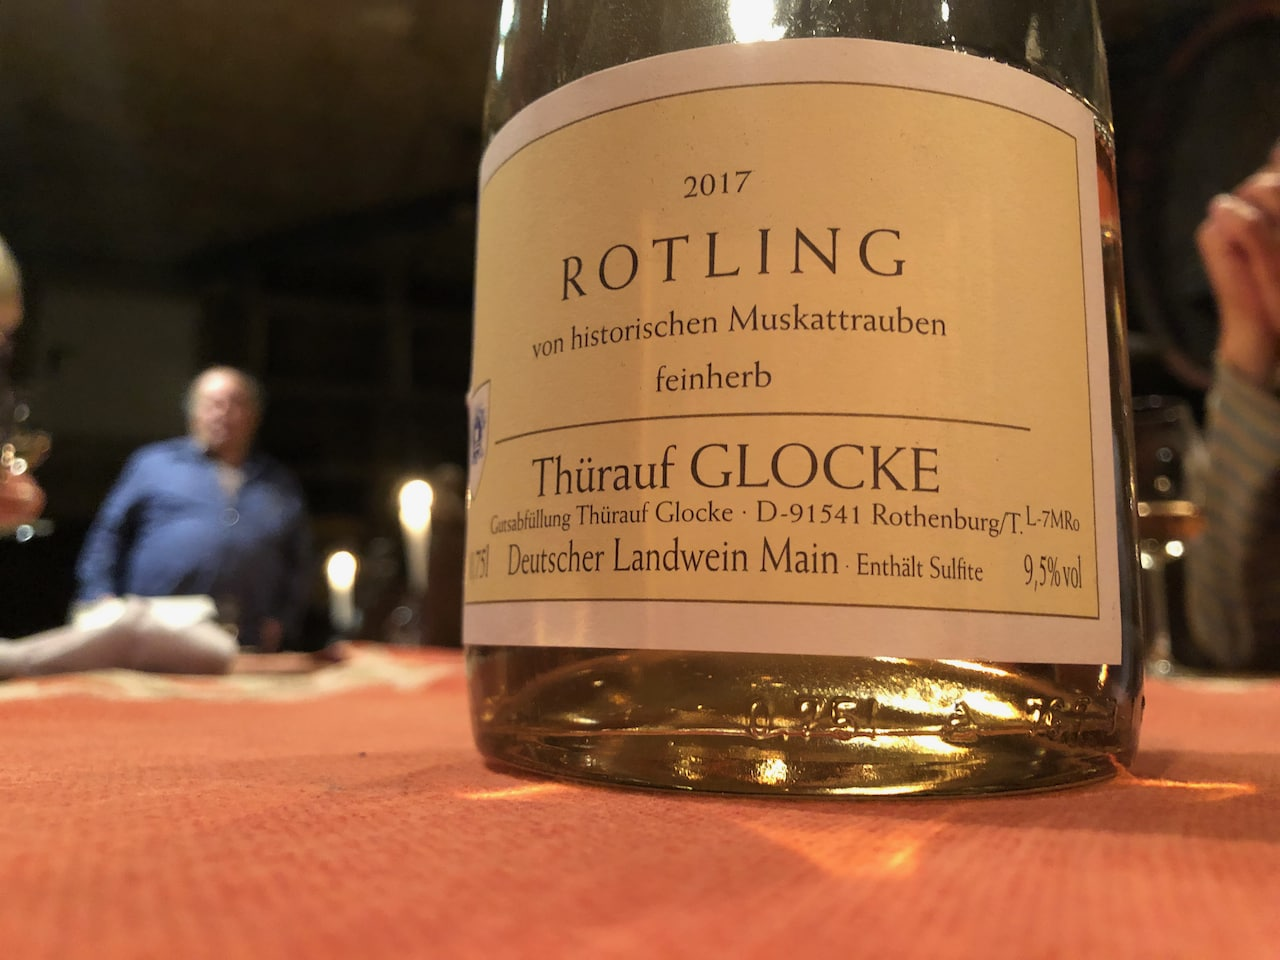 De rotling is een Frankse druif die wijngaarde Thuerauf cultiveert